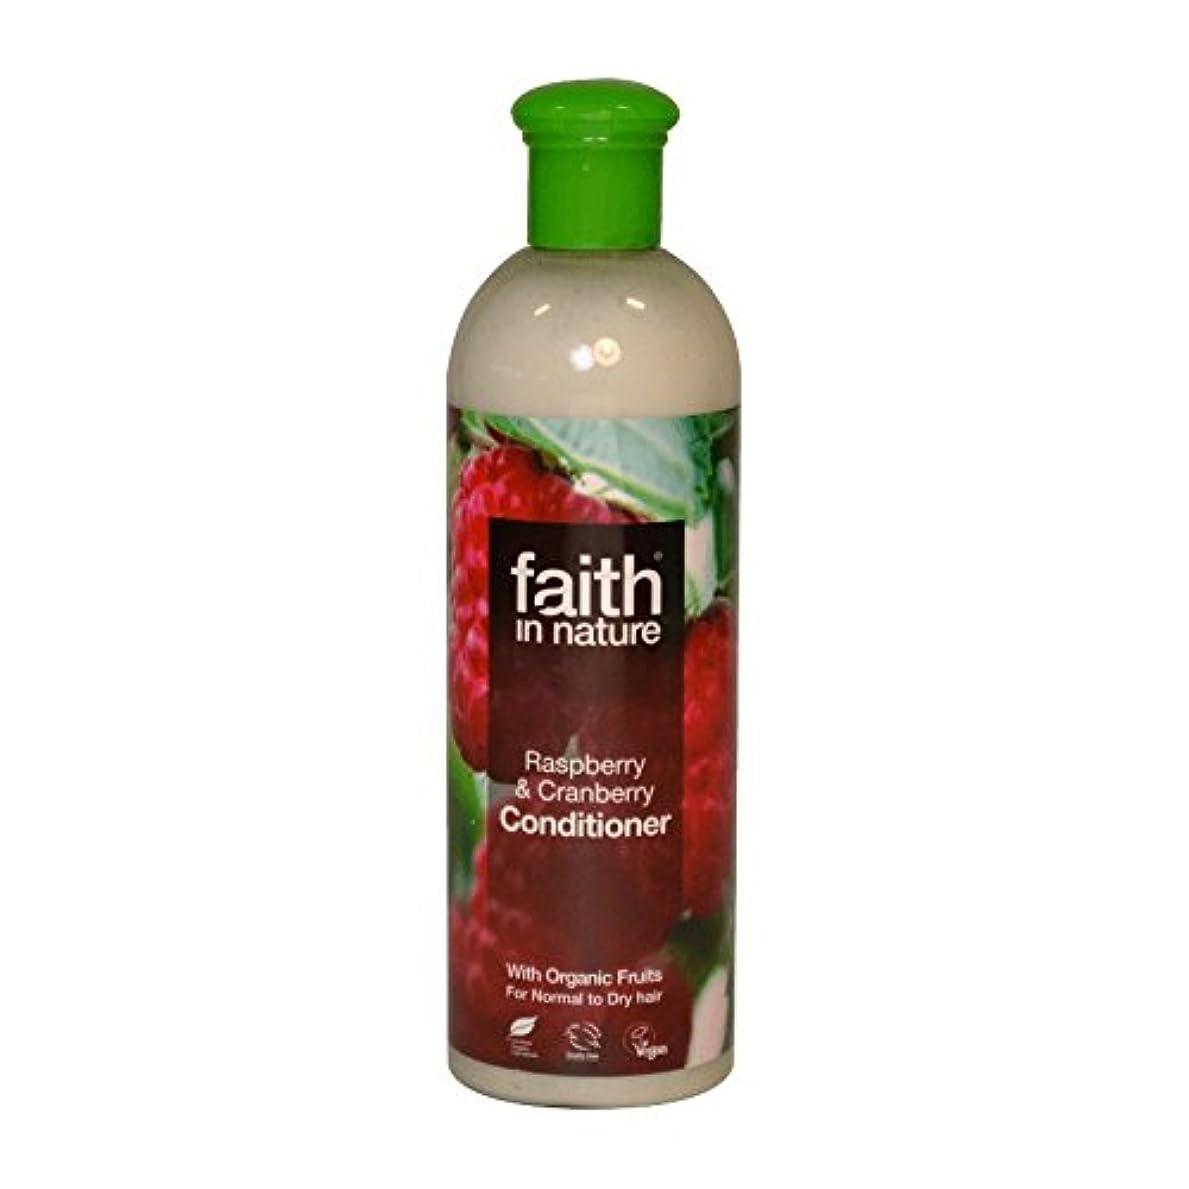 ごちそうかび臭い暫定のFaith in Nature Raspberry & Cranberry Conditioner 400ml (Pack of 2) - 自然ラズベリー&クランベリーコンディショナー400ミリリットルの信仰 (x2)...